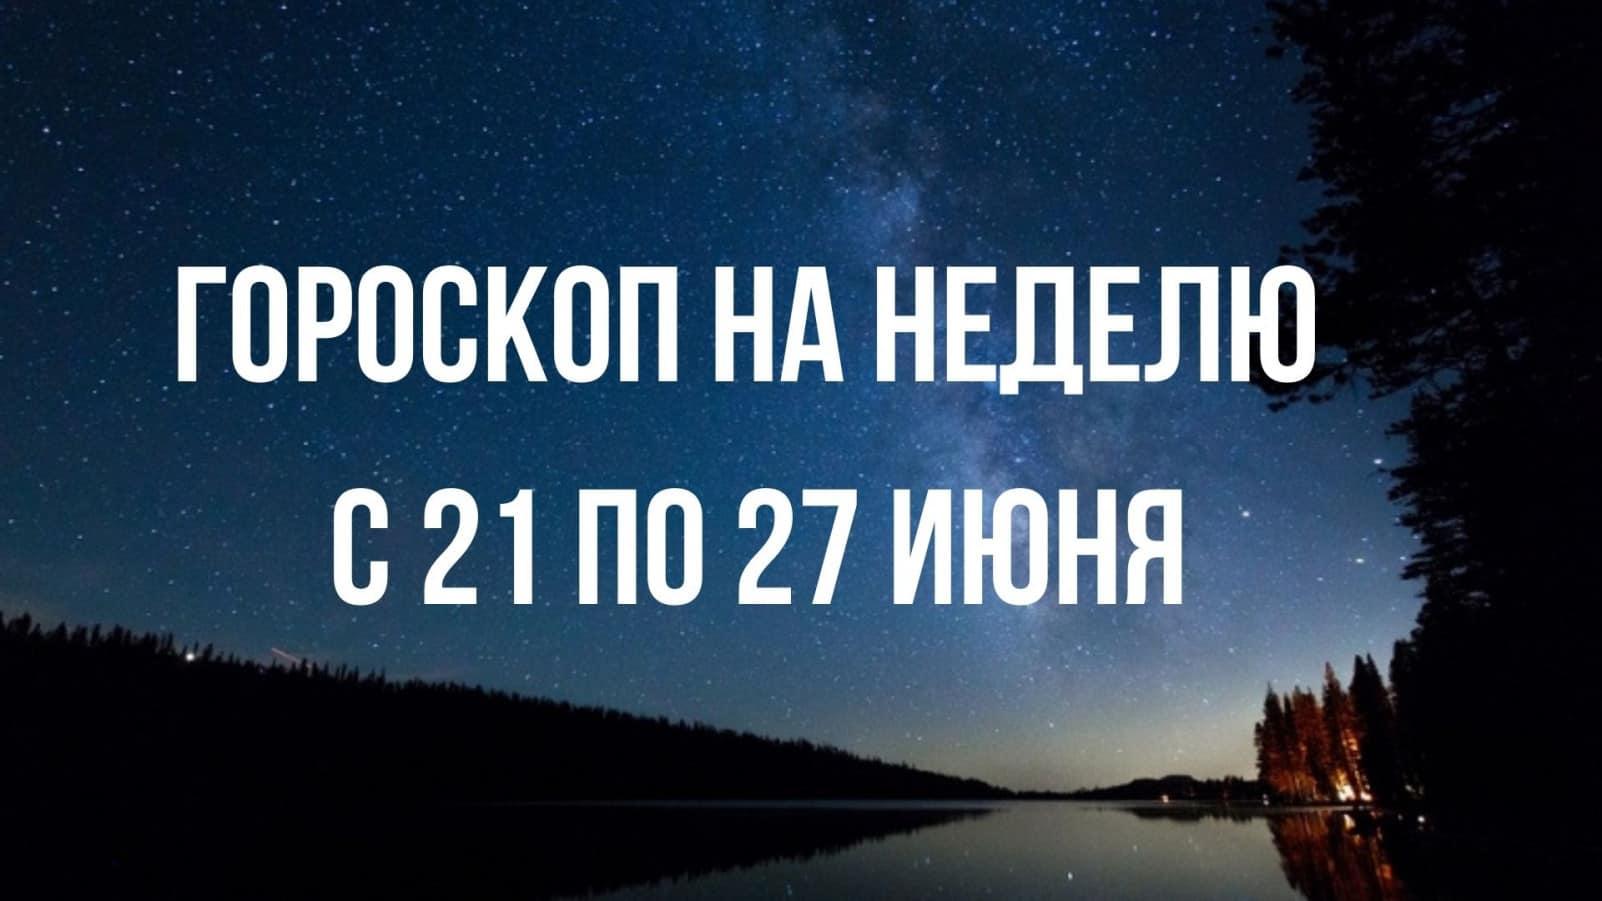 Гороскоп на неделю с 21 по 27 июня 2021 года: за кем последует удача